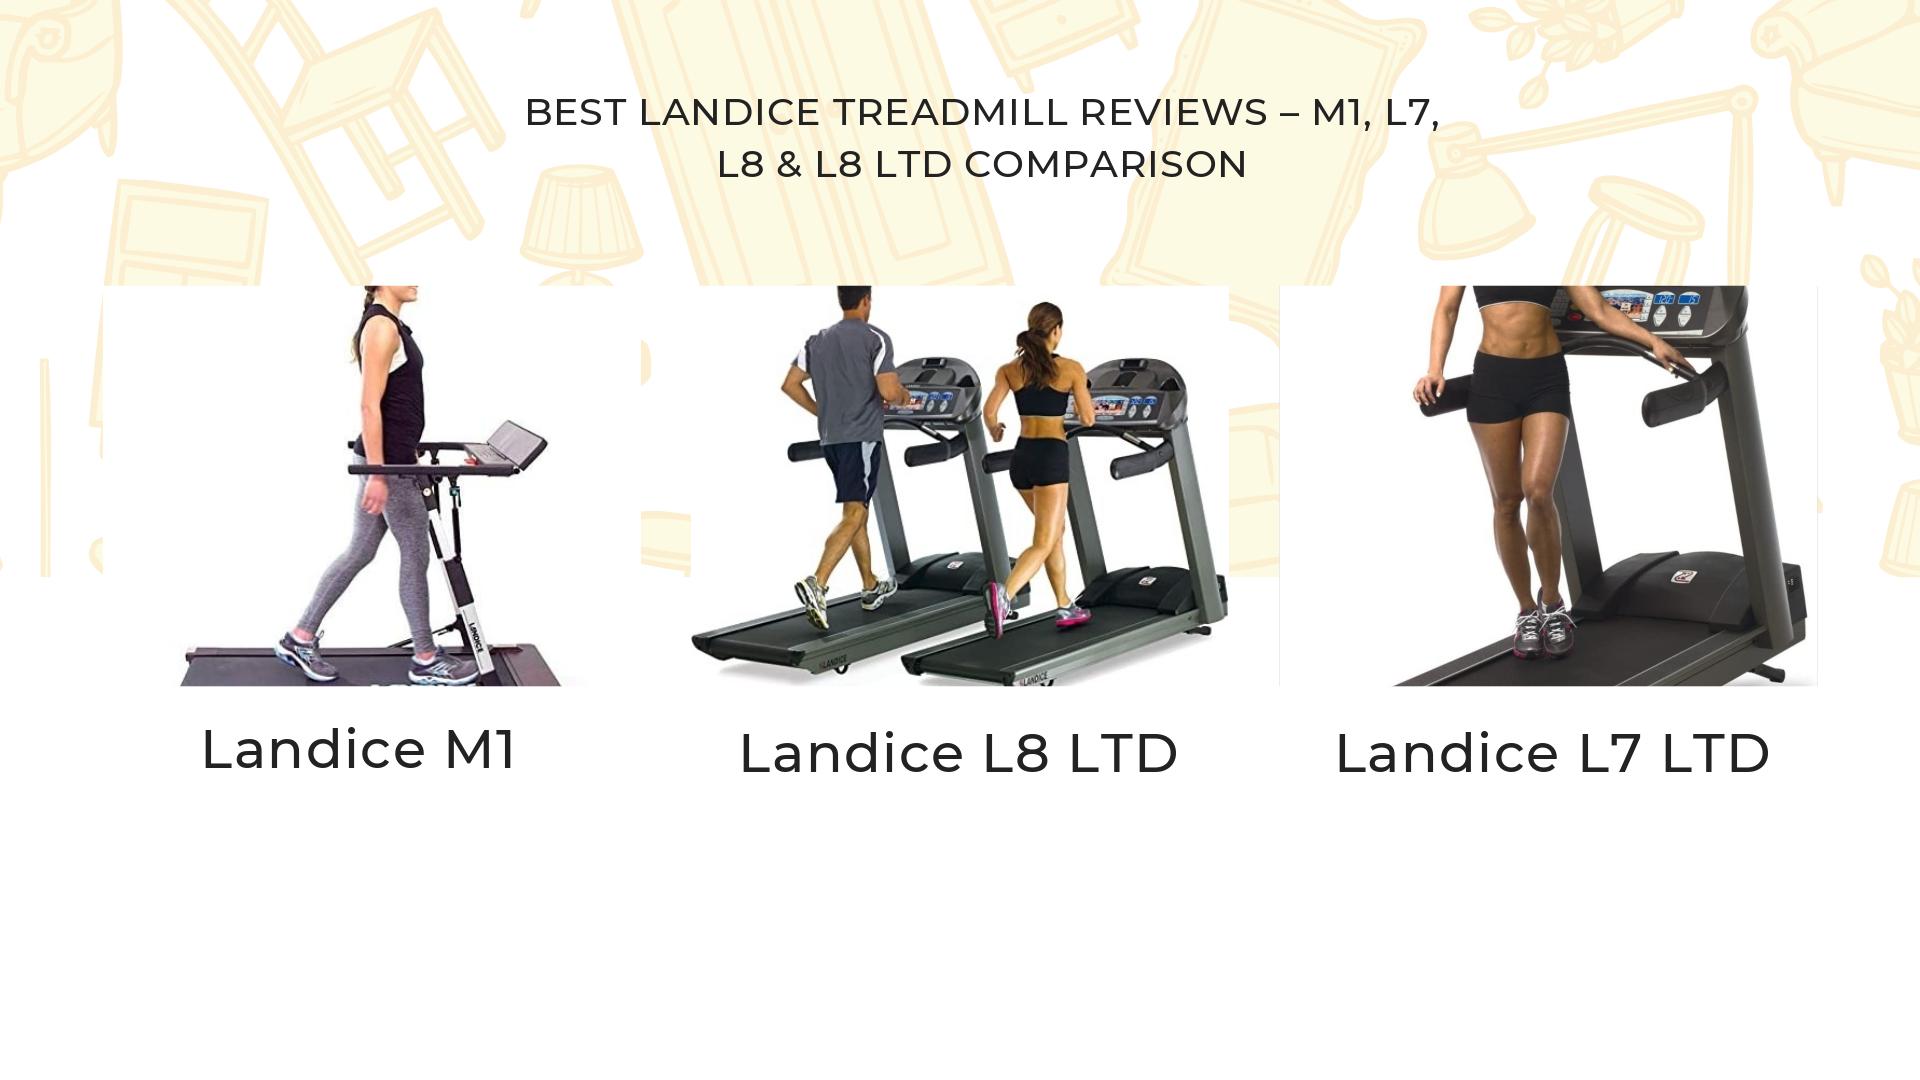 Best Landice Treadmill Reviews – M1, L7, L8 & L8 LTD Comparison